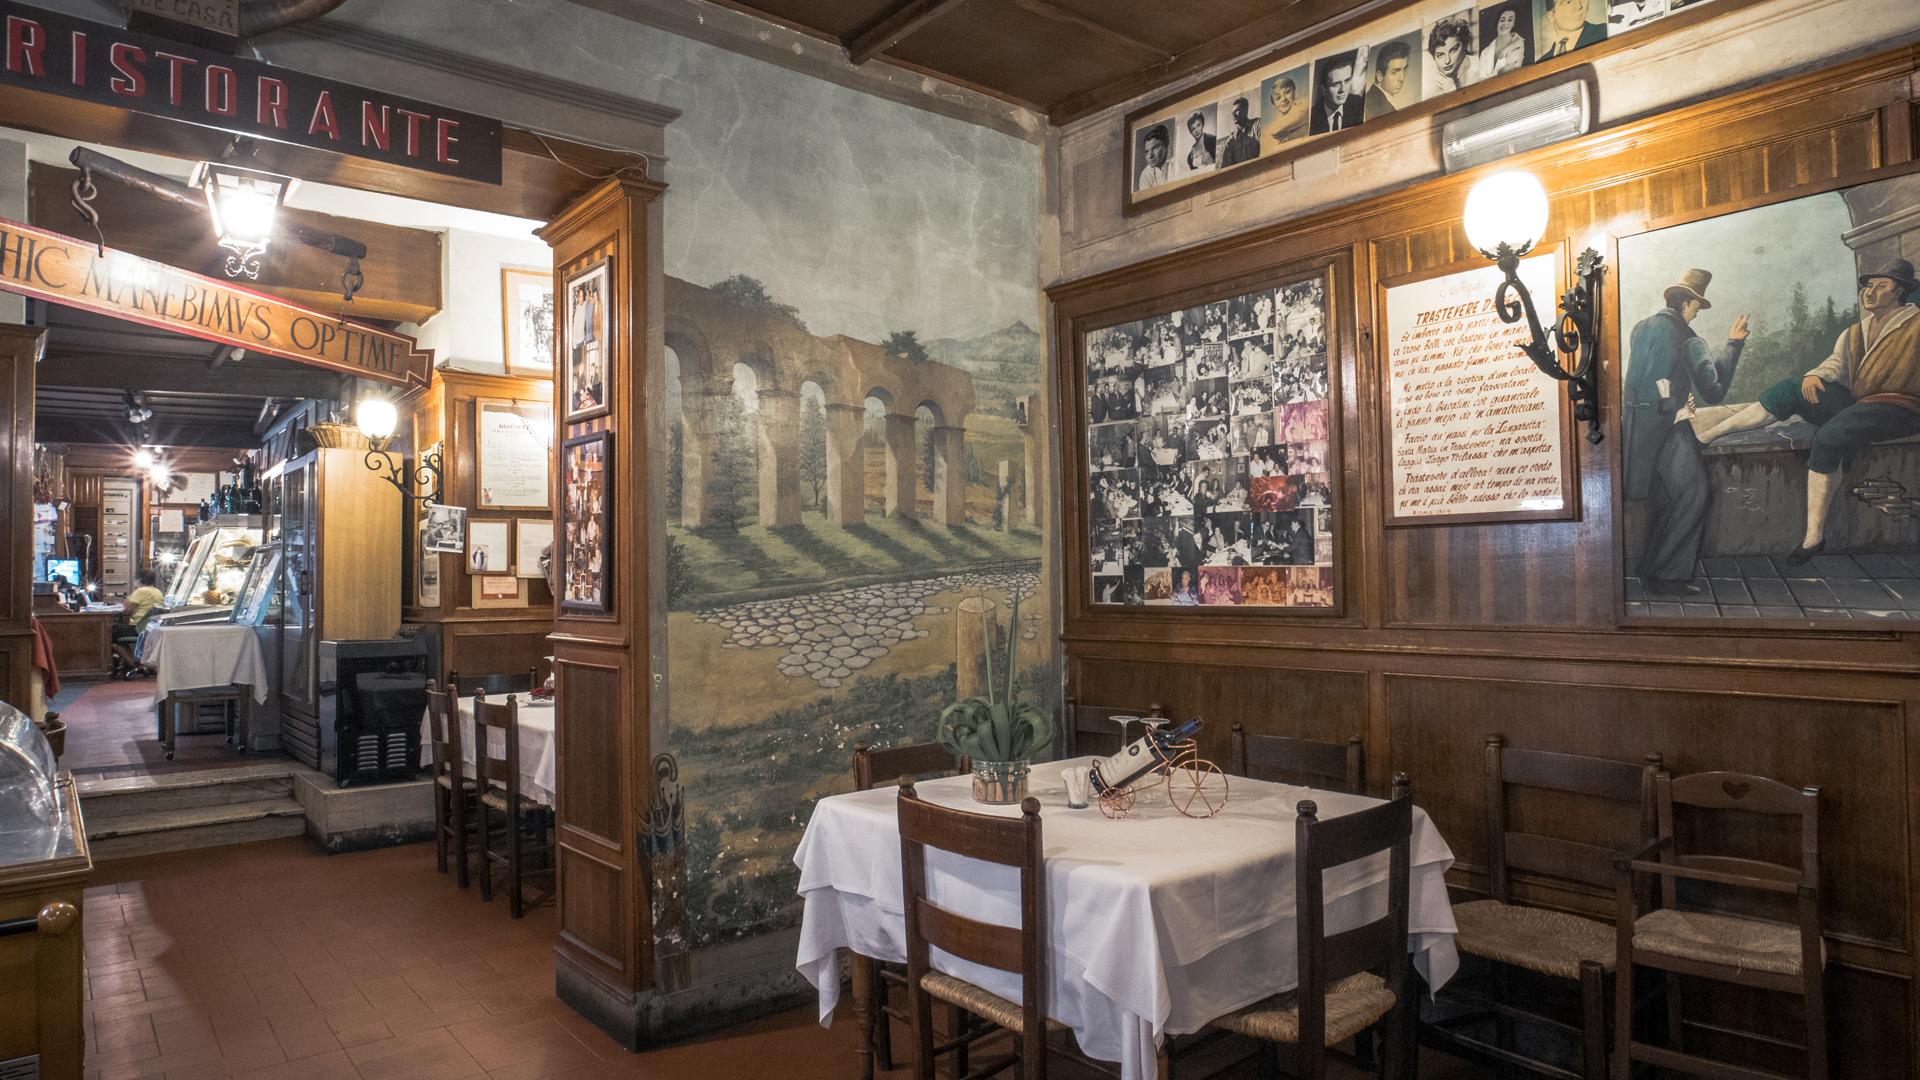 ristorante trastevere